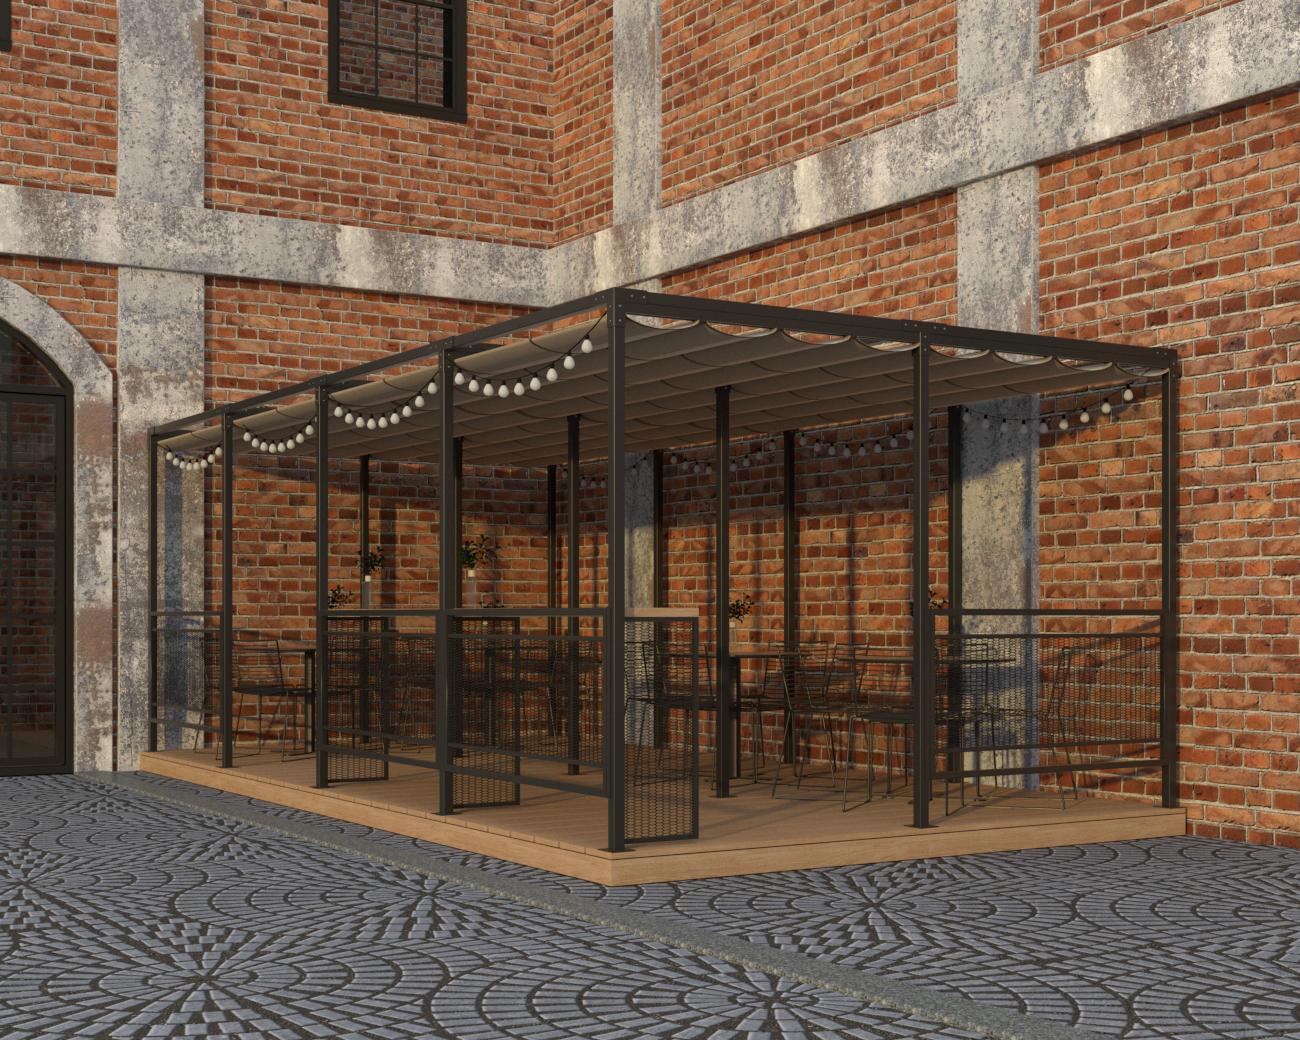 ogródki restauracyjne ogródki do restauracji ogródek do kawiarni ogródek gastronomiczny